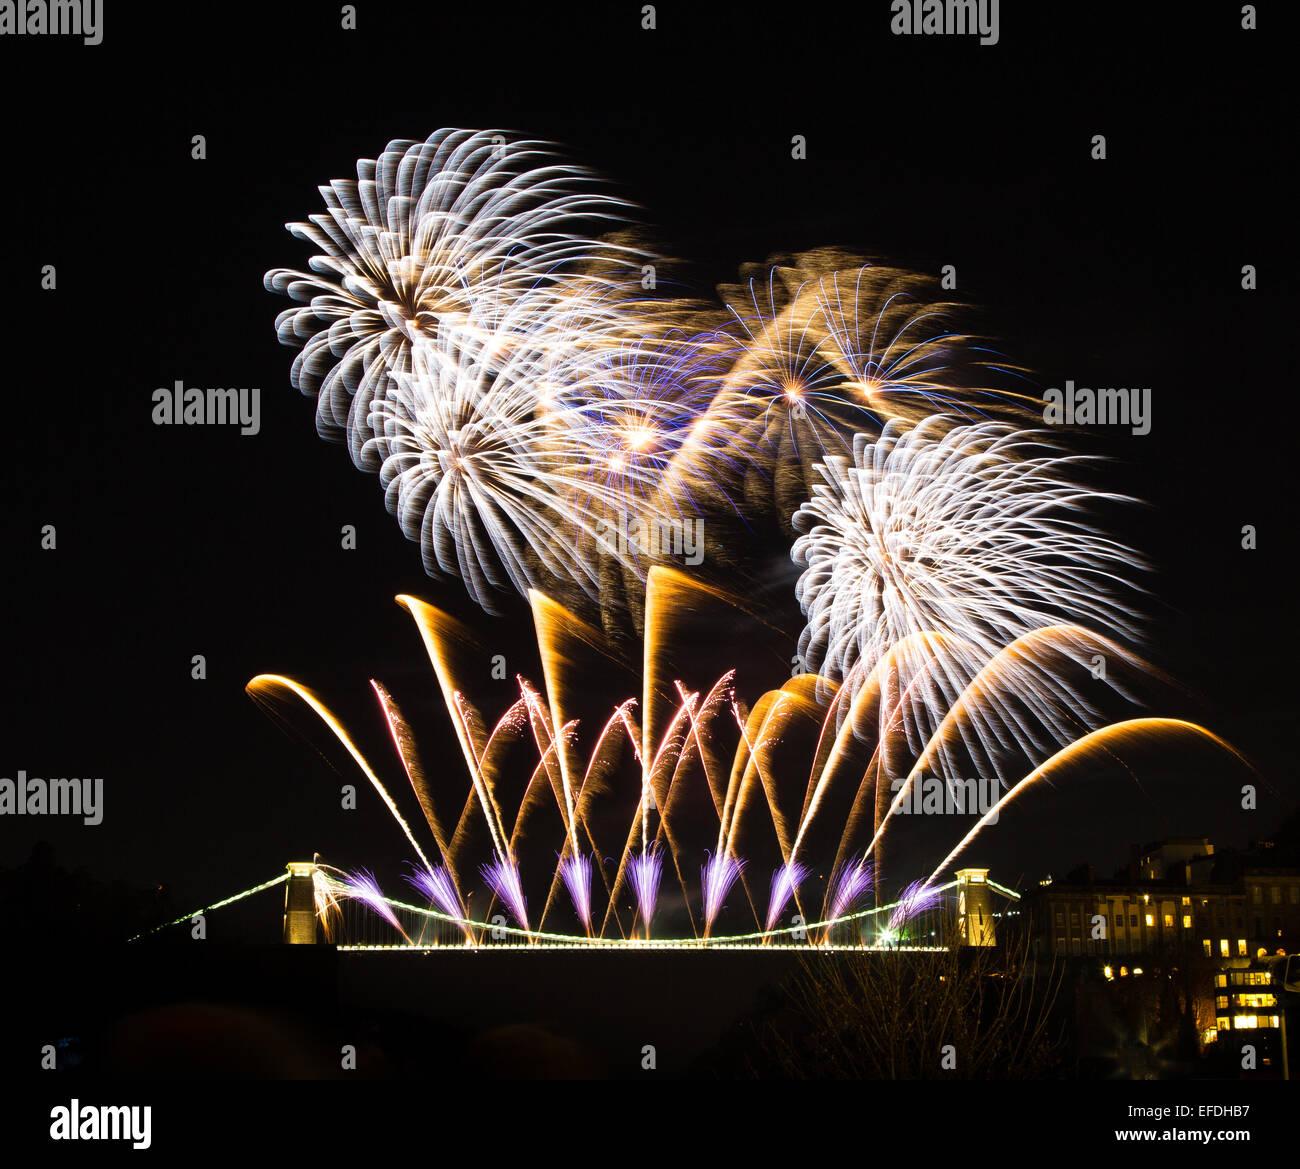 Feu d'artifice sur le pont suspendu de Clifton à Bristol pour célébrer le 150e anniversaire de Photo Stock